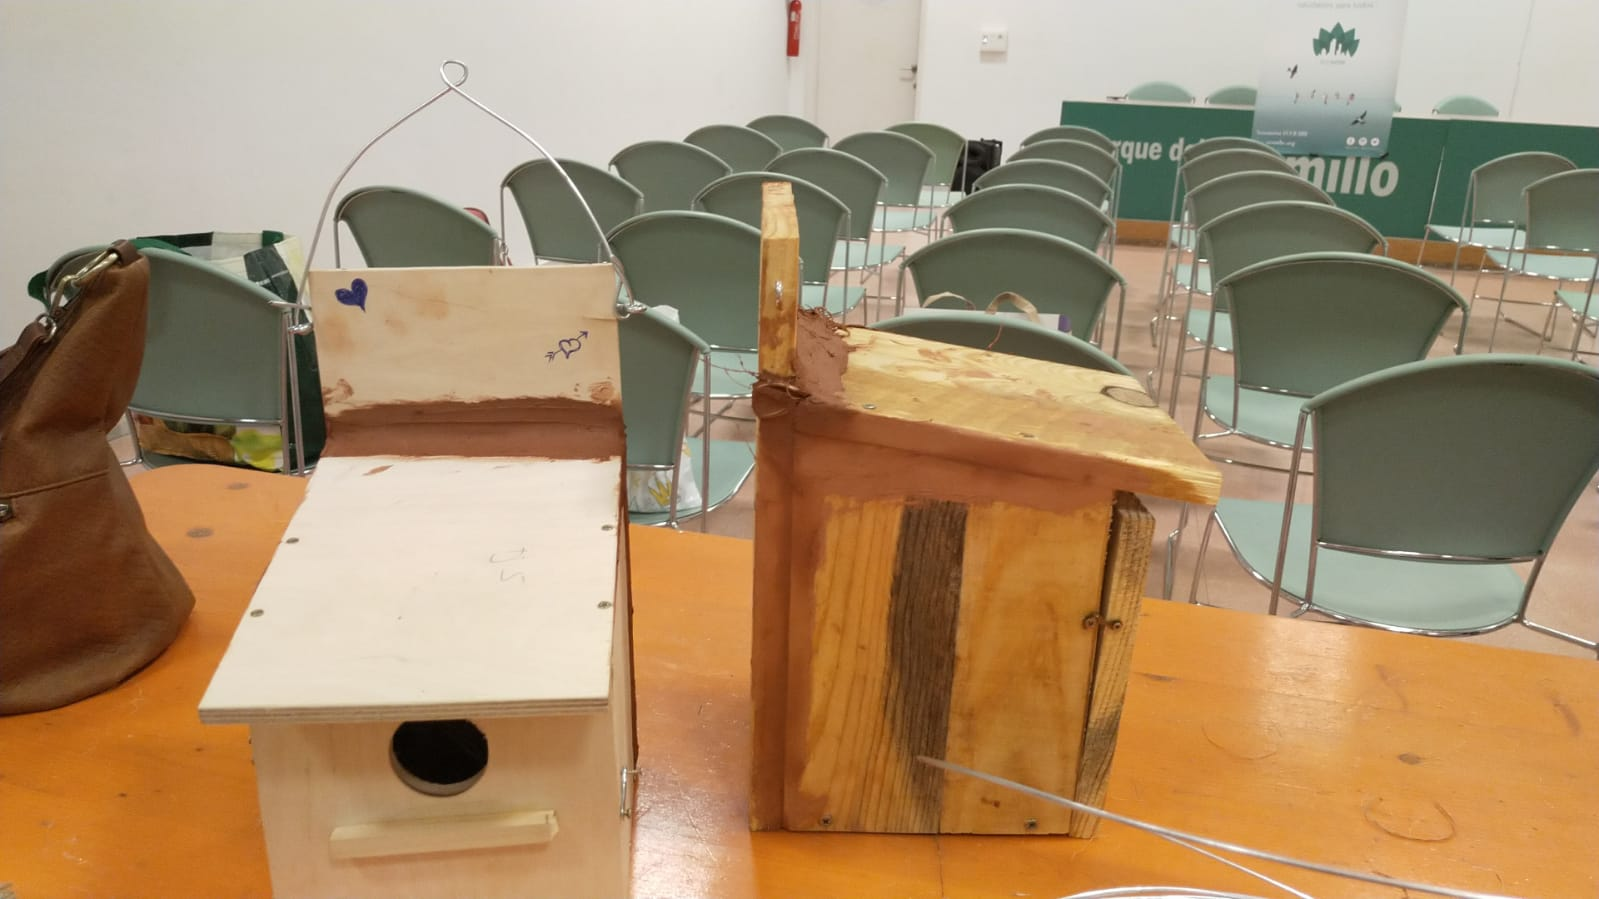 Cajas construida por los voluntarios de la Asociación Ecourbe.